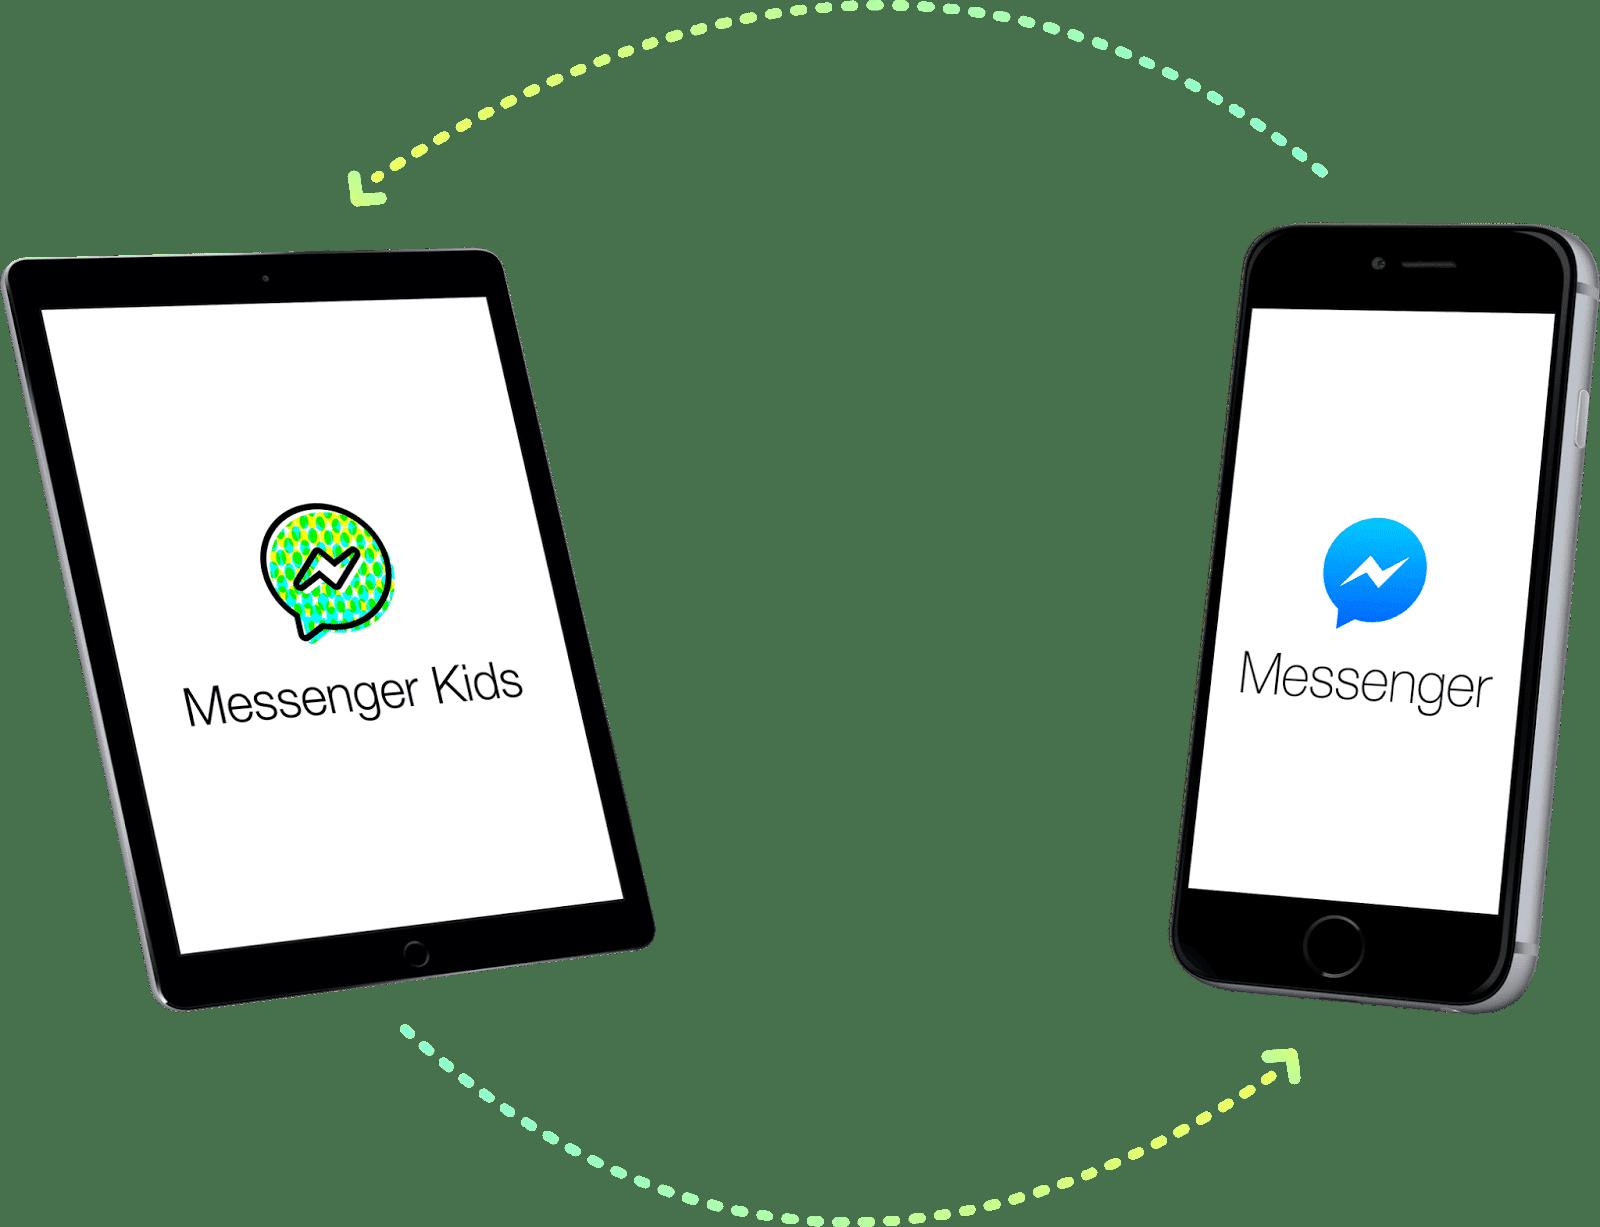 anak untuk mempunyai smartphone dan mengakses internet Messenger Kids, Aplikasi Chatting Khusus Anak-anak Dari Facebook